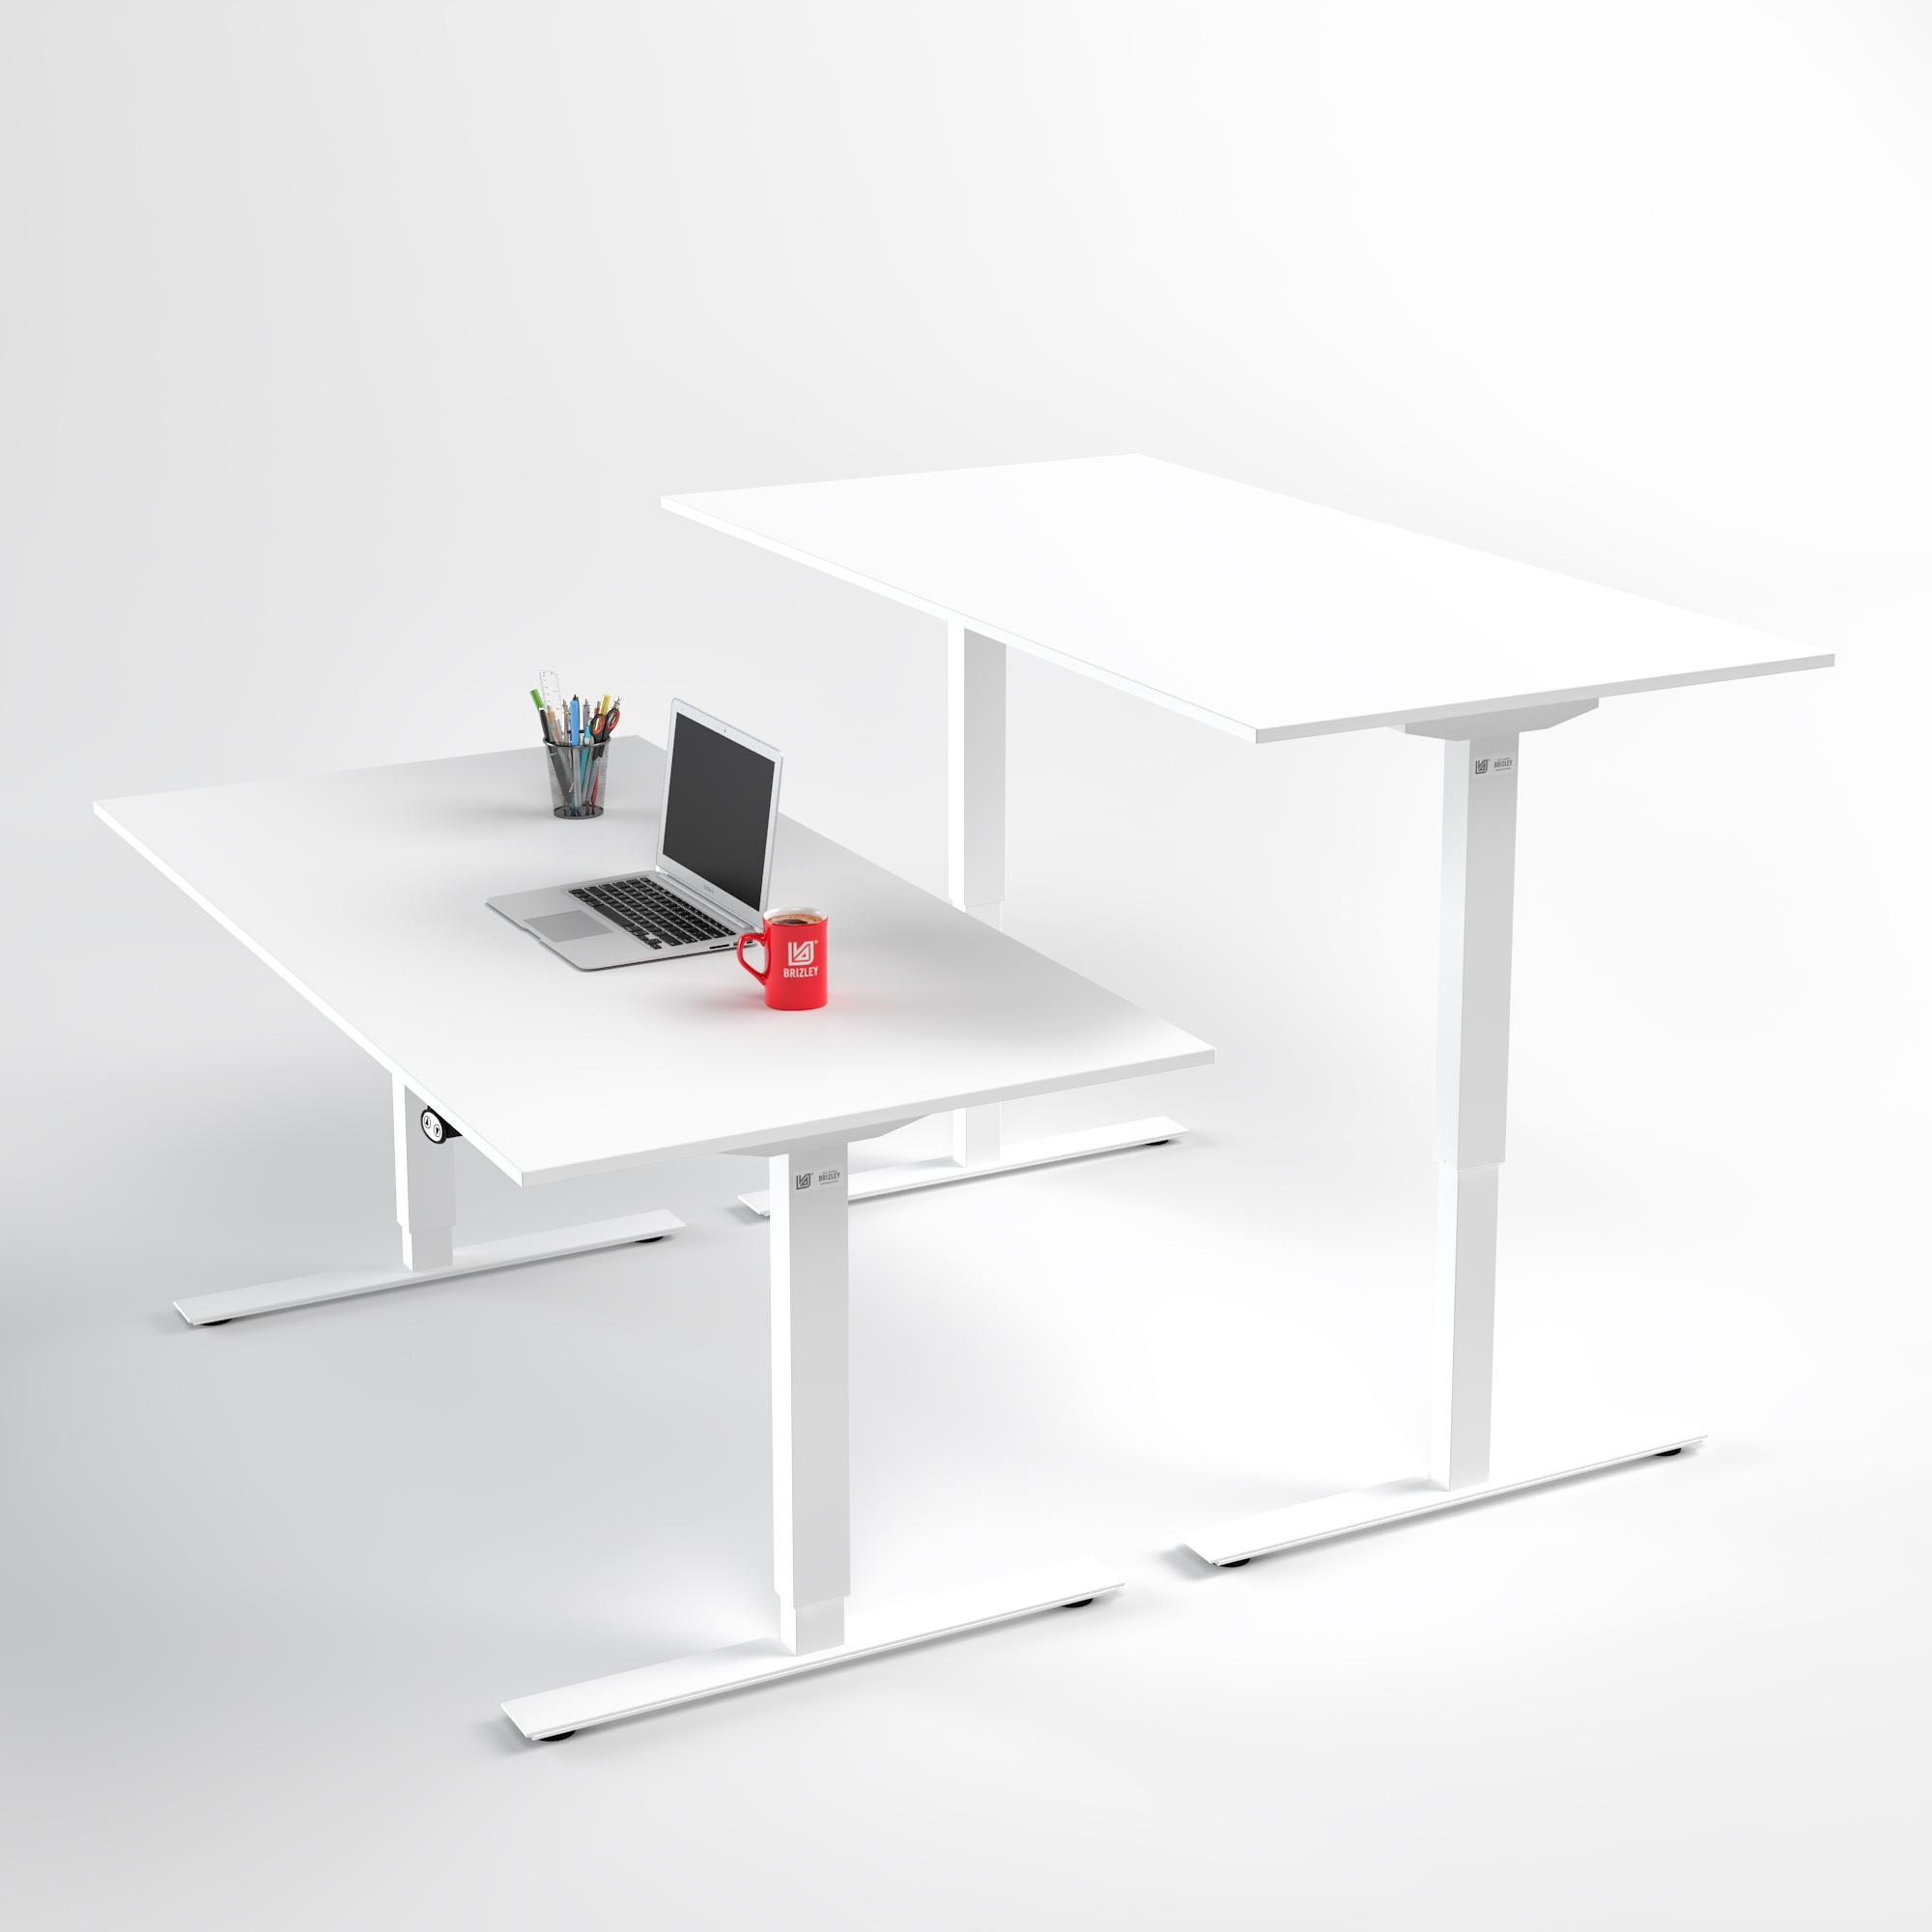 Buztic com databord höj och sänkbara ~ Design Inspiration für die neueste Wohnkultur